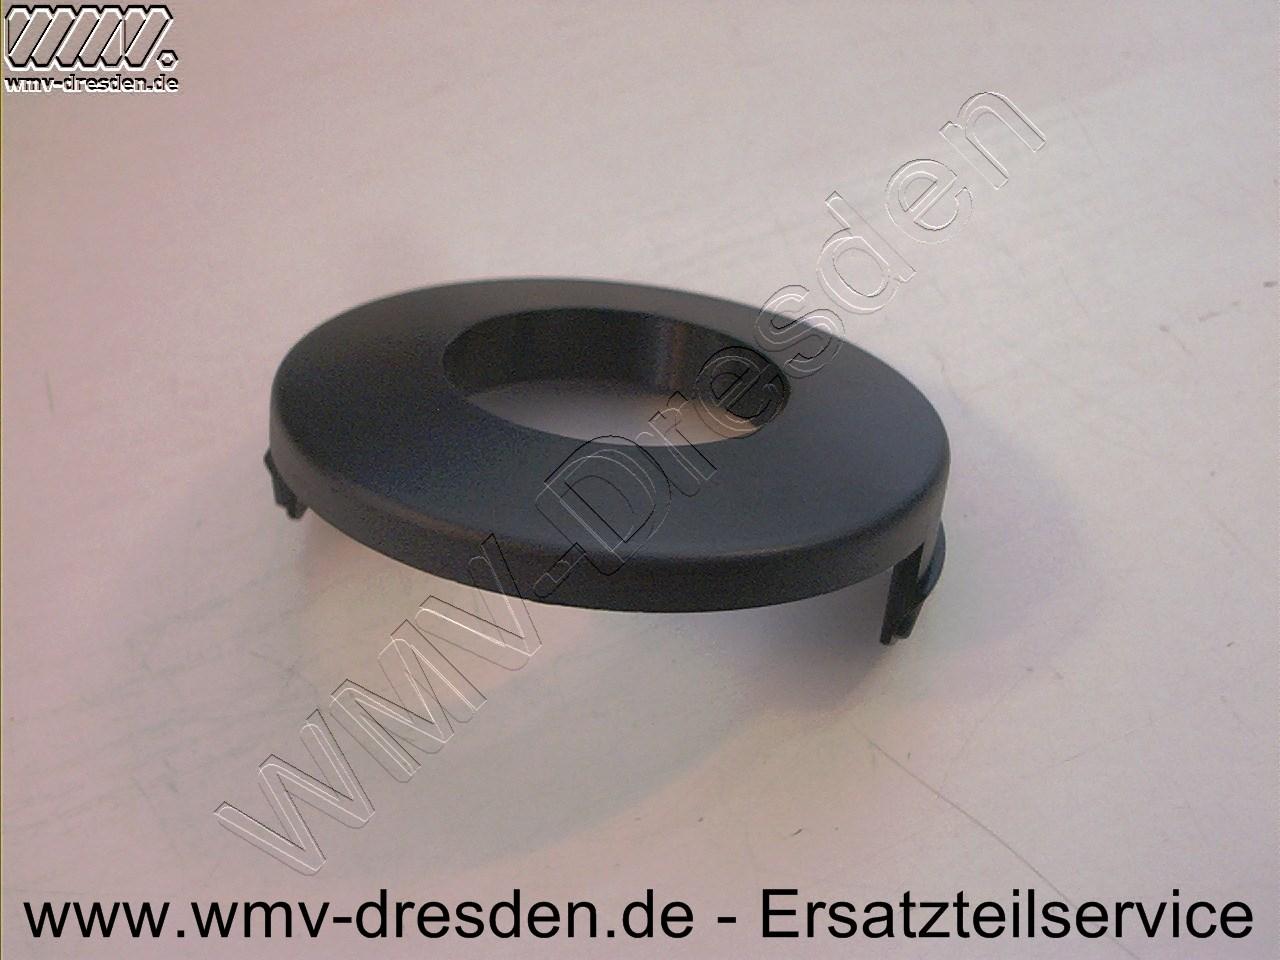 Fadenspulenabdeckung A für RTA 25 72 mm Außendurchmesser